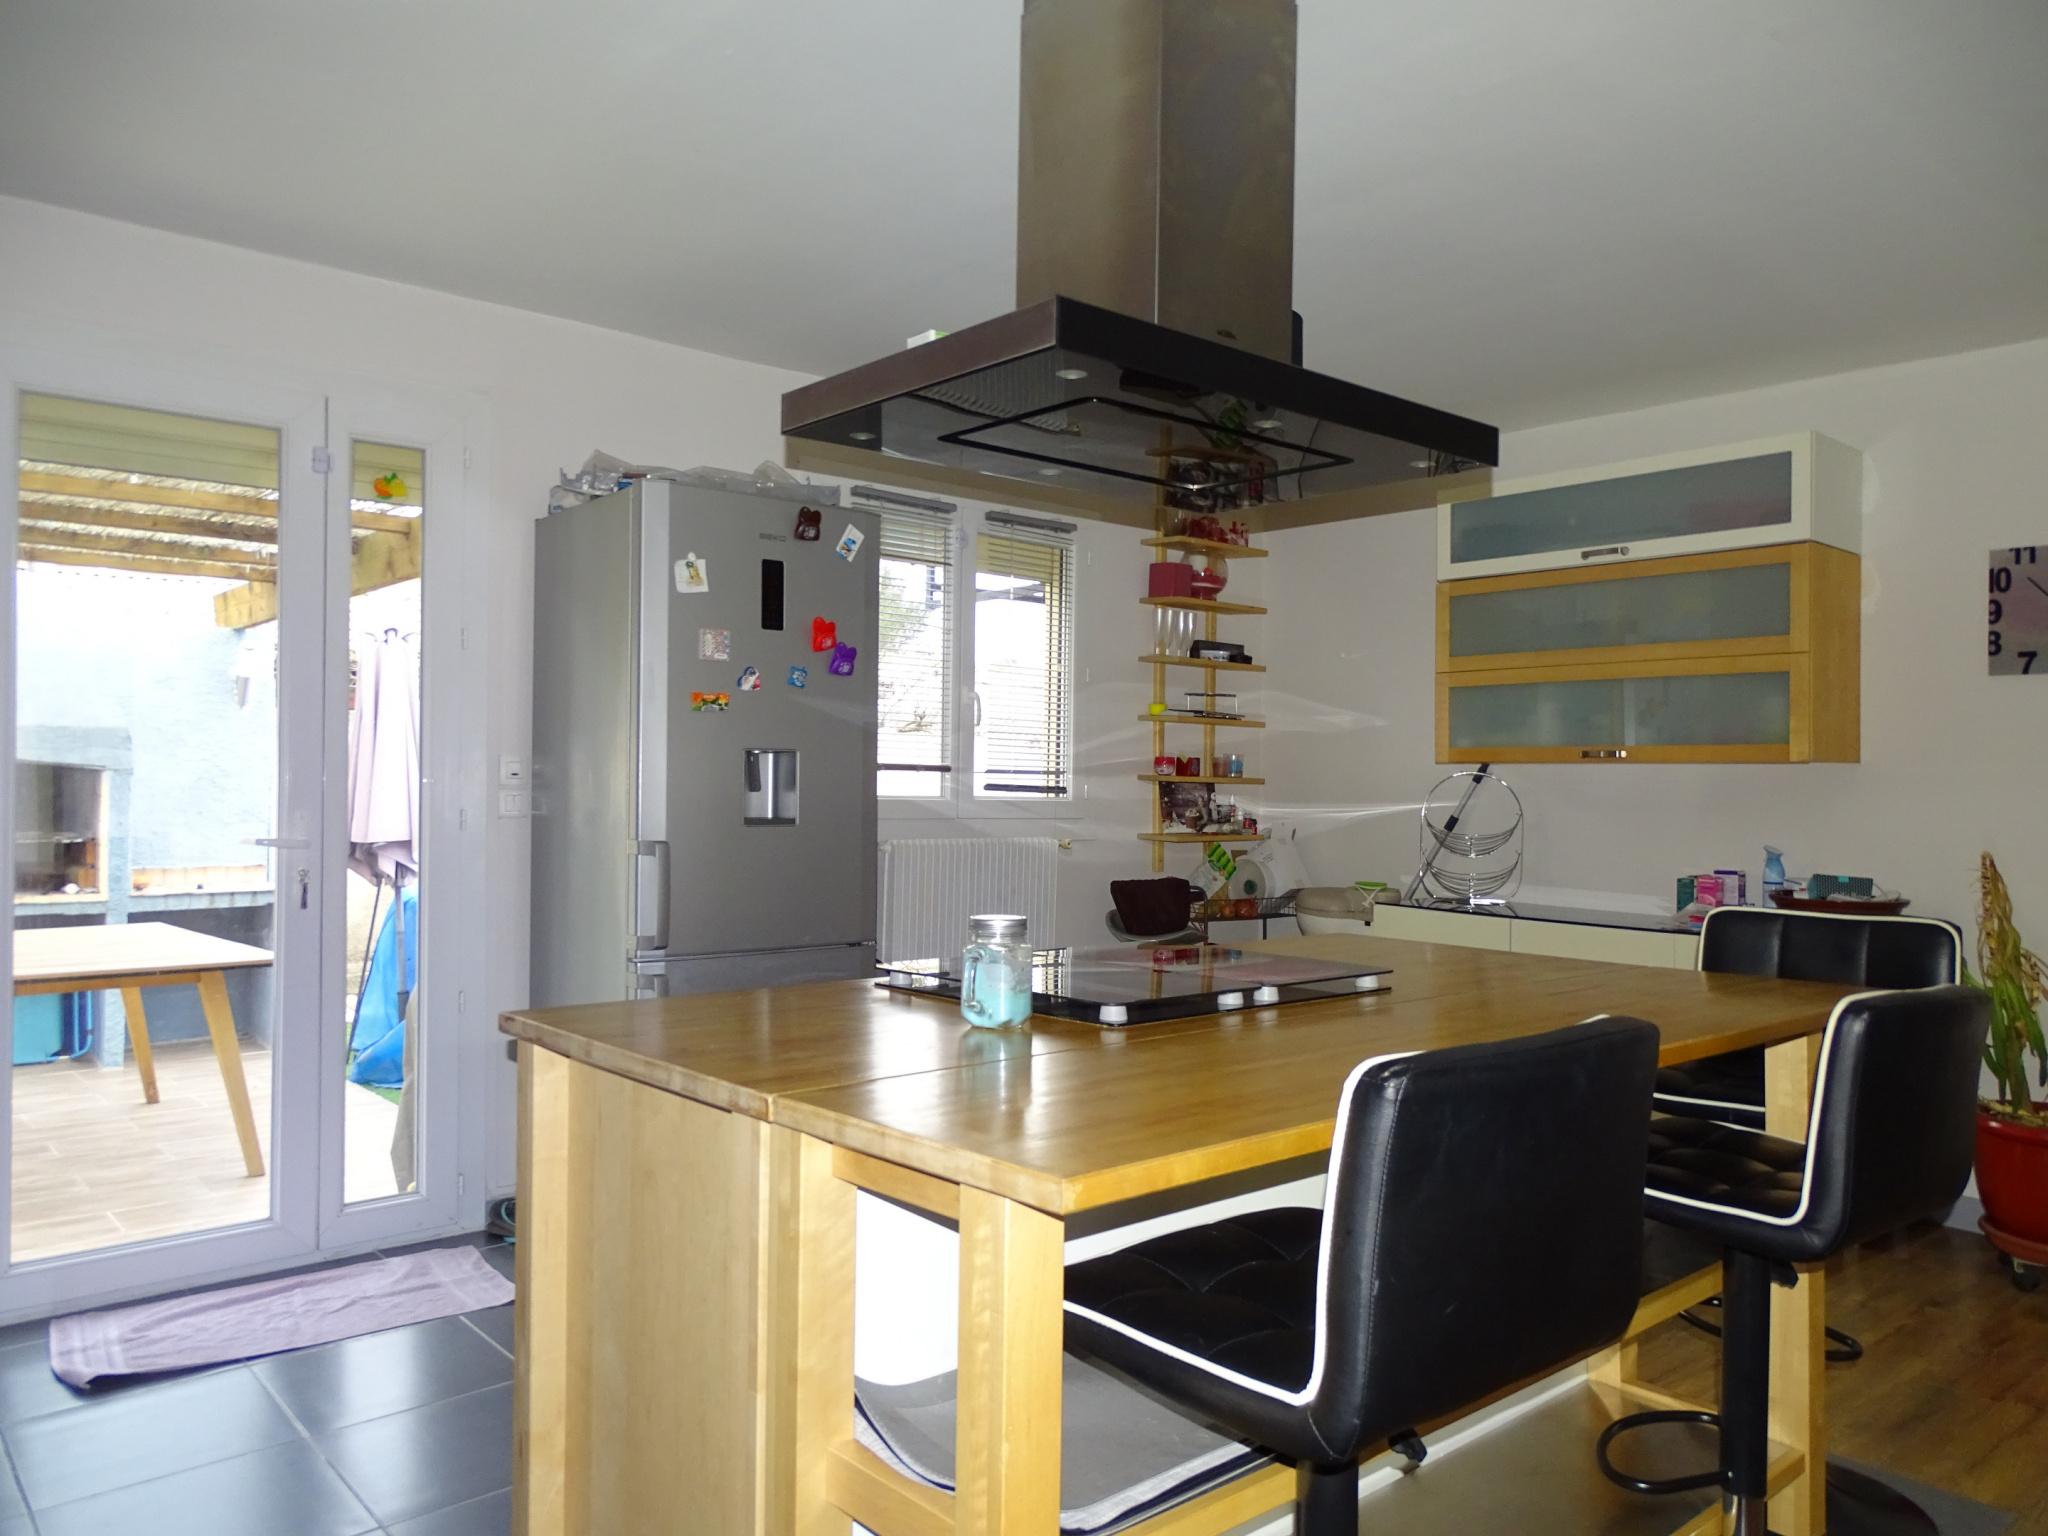 Vente sous compromis par nos soins vente maison de plain pied 3 chambres garage pkgs cave - Soin des pieds maison ...